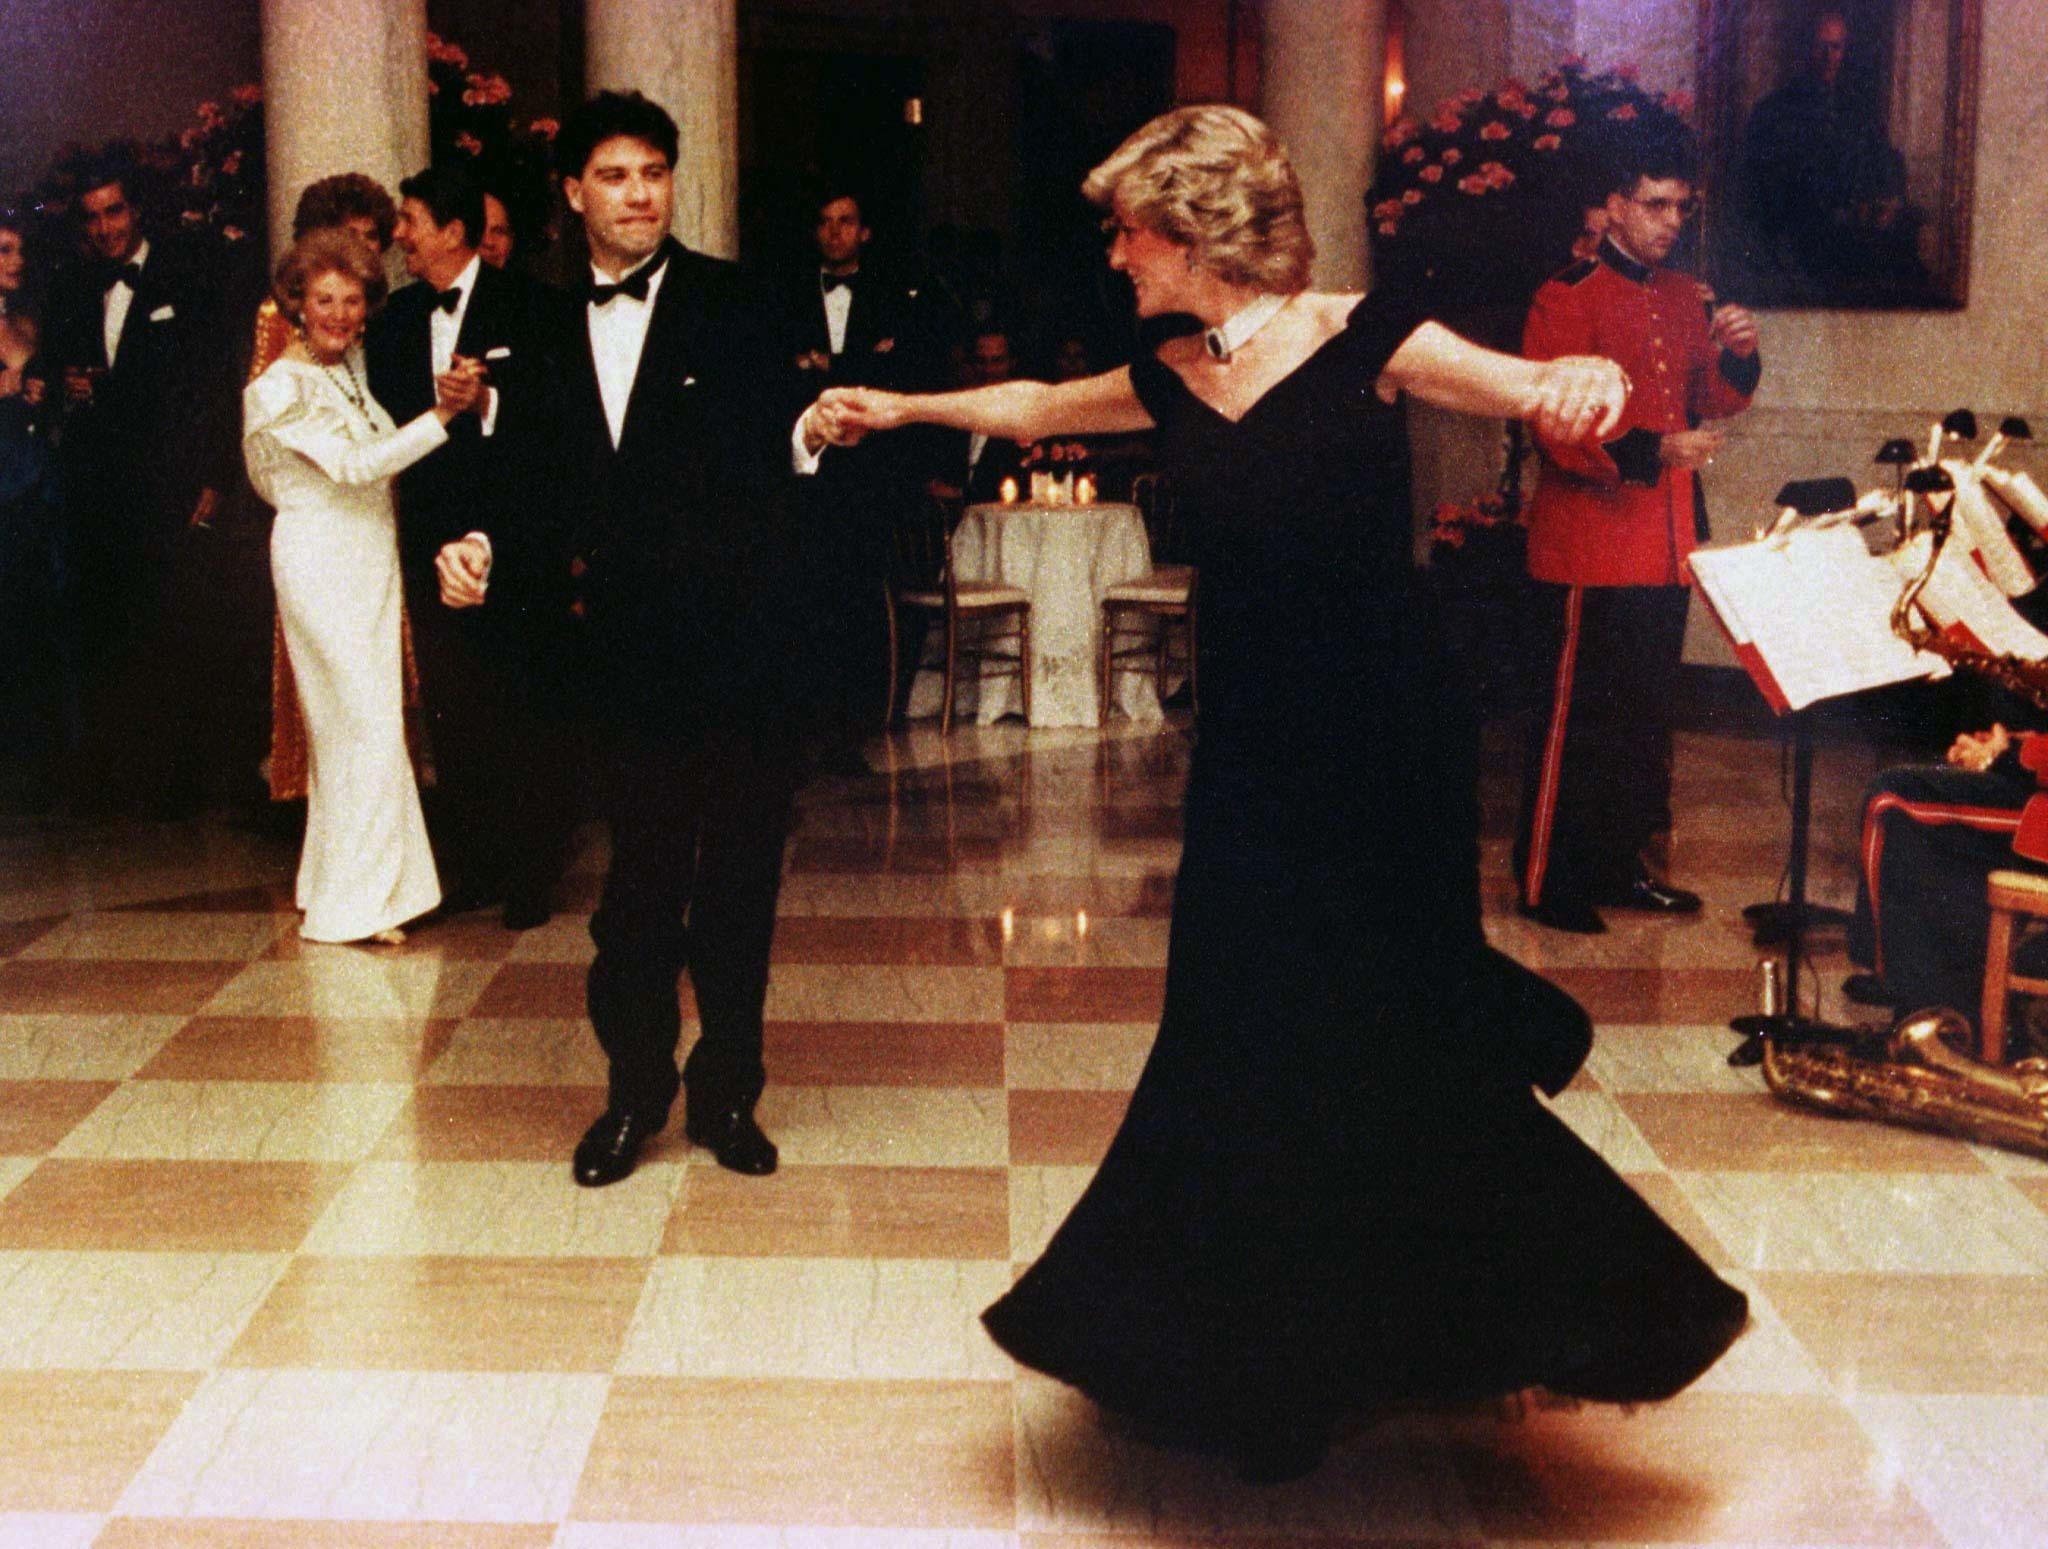 3 - Remembering Princess Diana